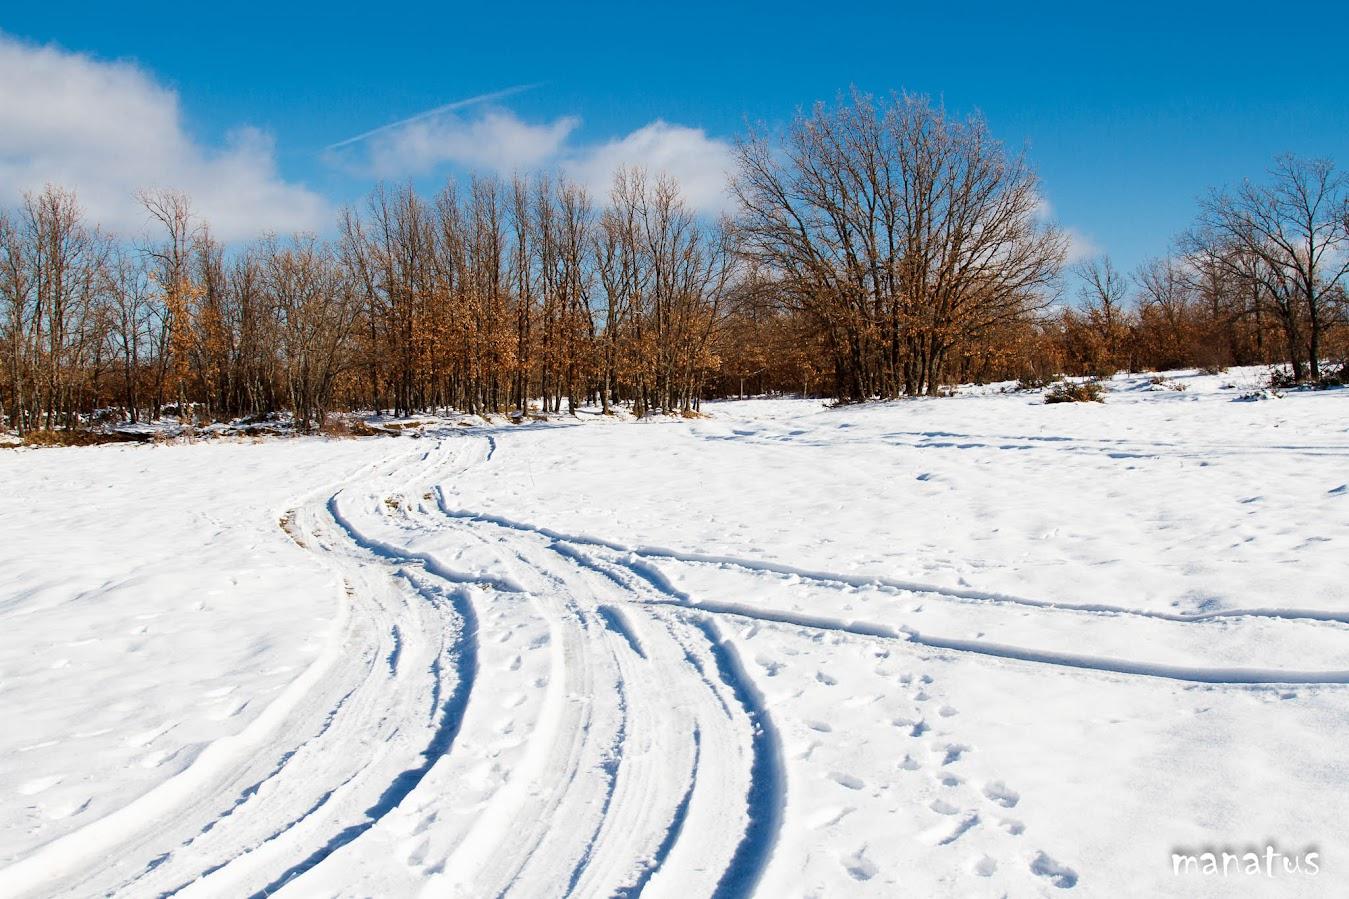 manatus rodadas nevadas